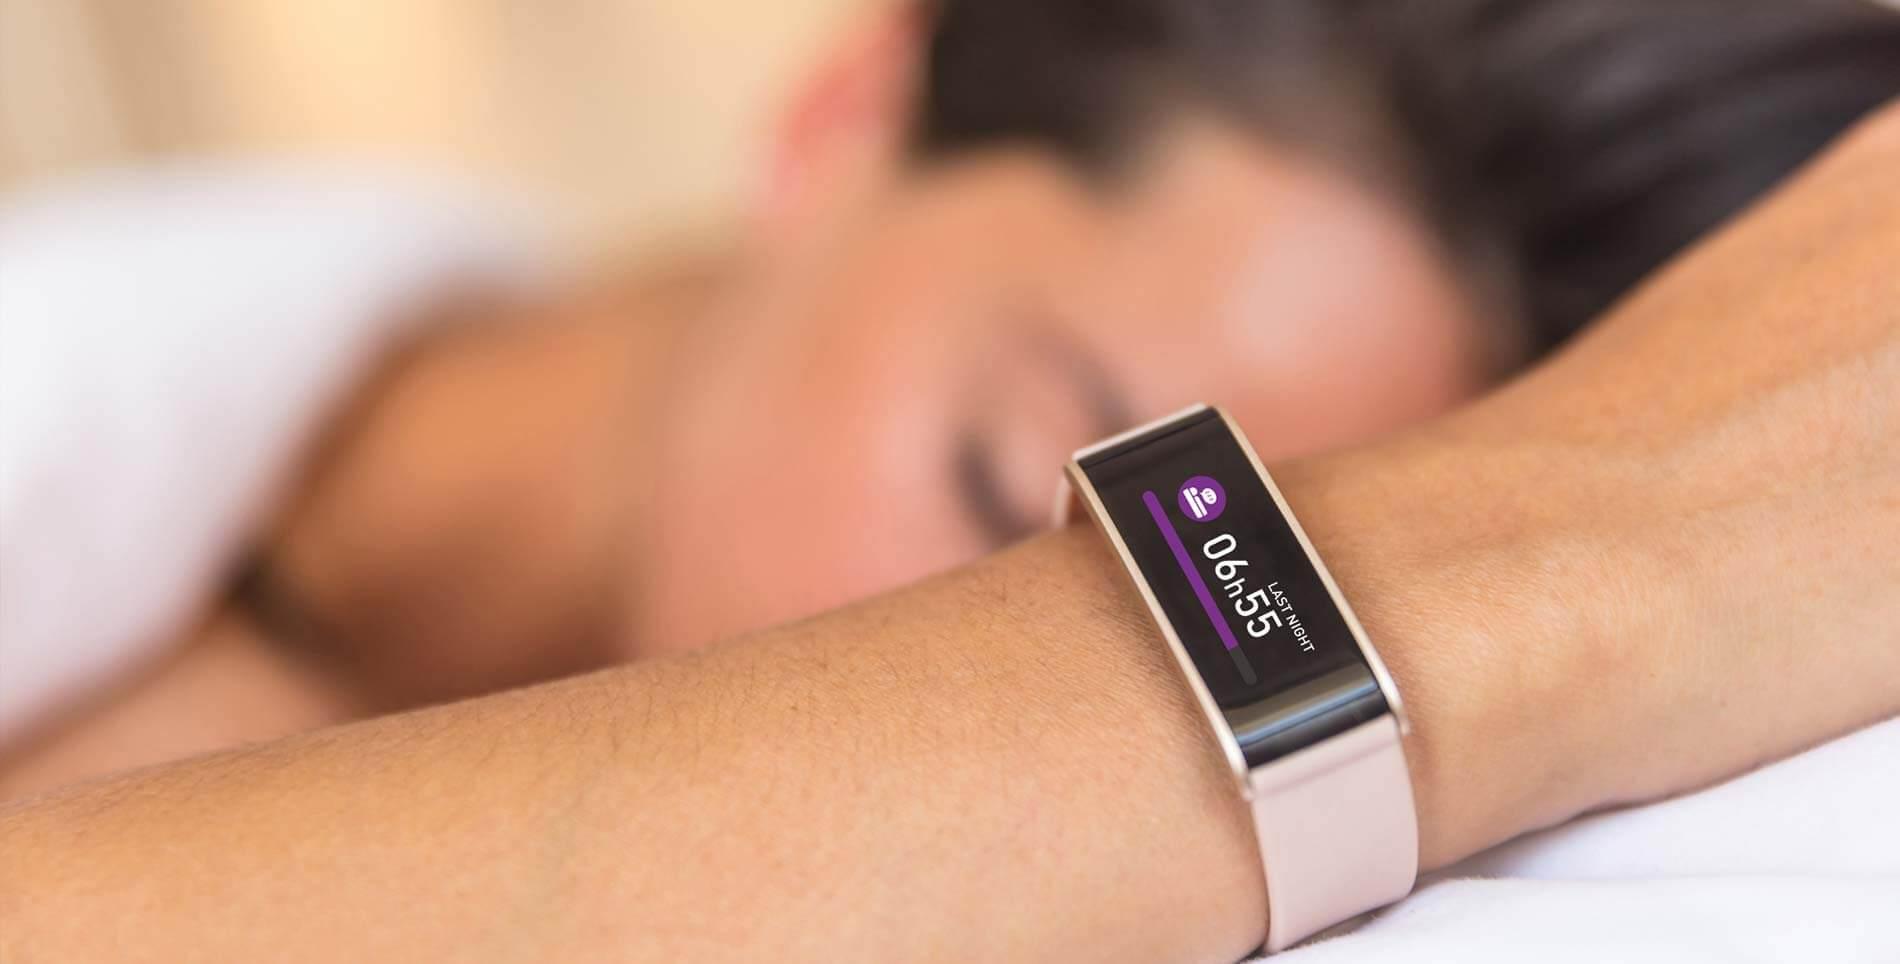 Registra il tempo e la qualità del tuo sonno